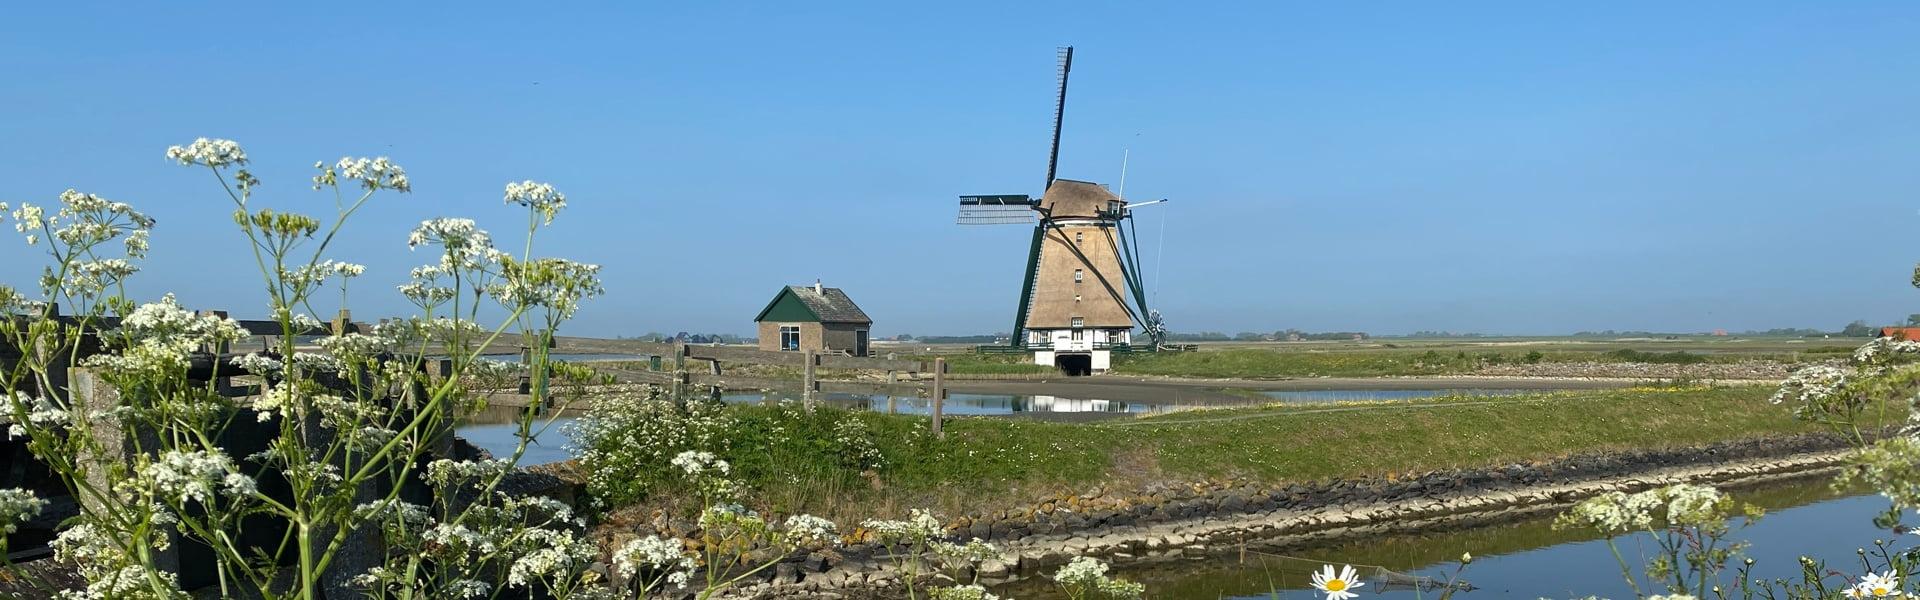 Nederland | Wandelvakantie Texel